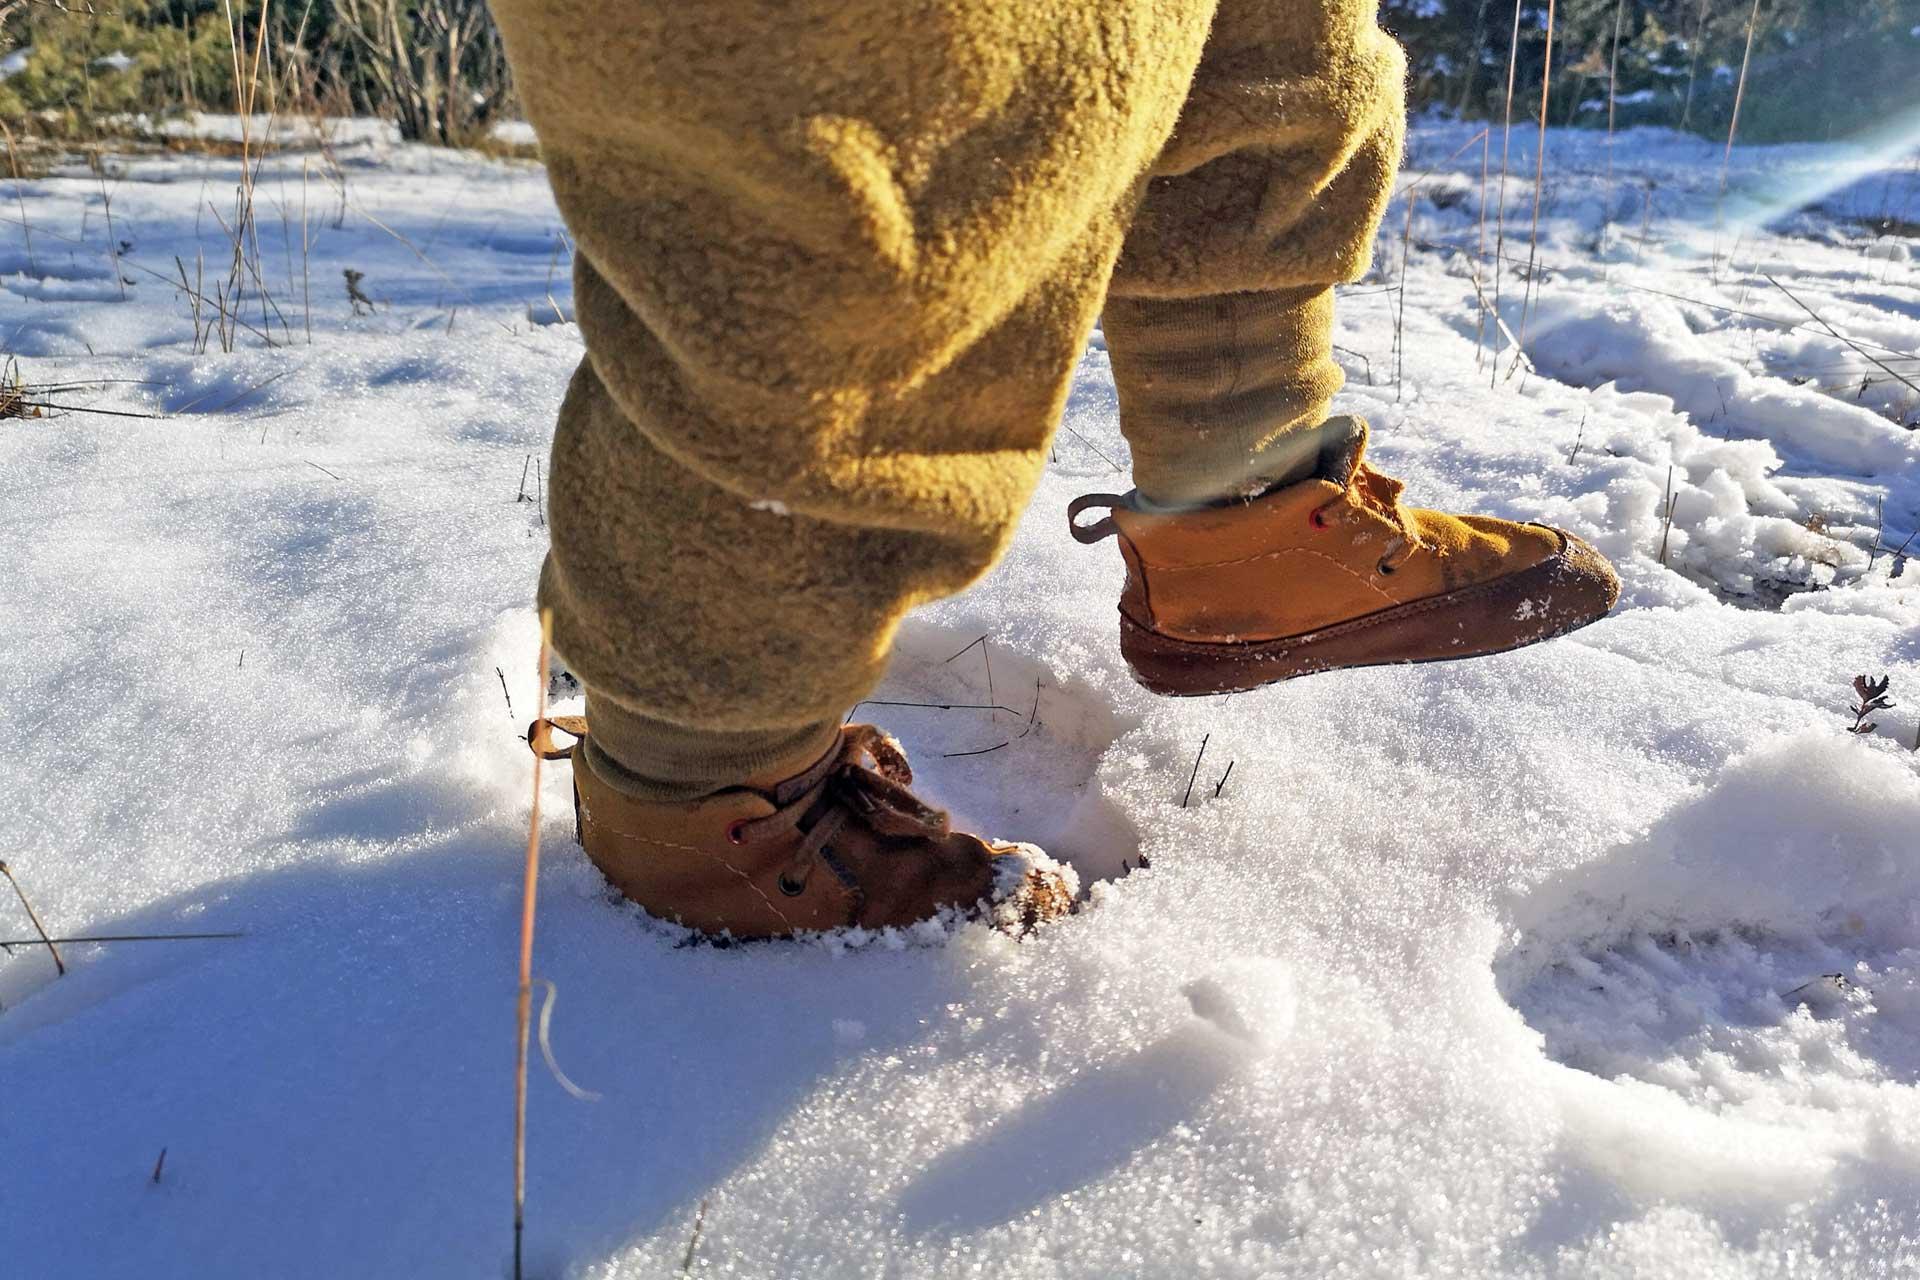 barfussschuhe-kinder-winter-schnee-kalt